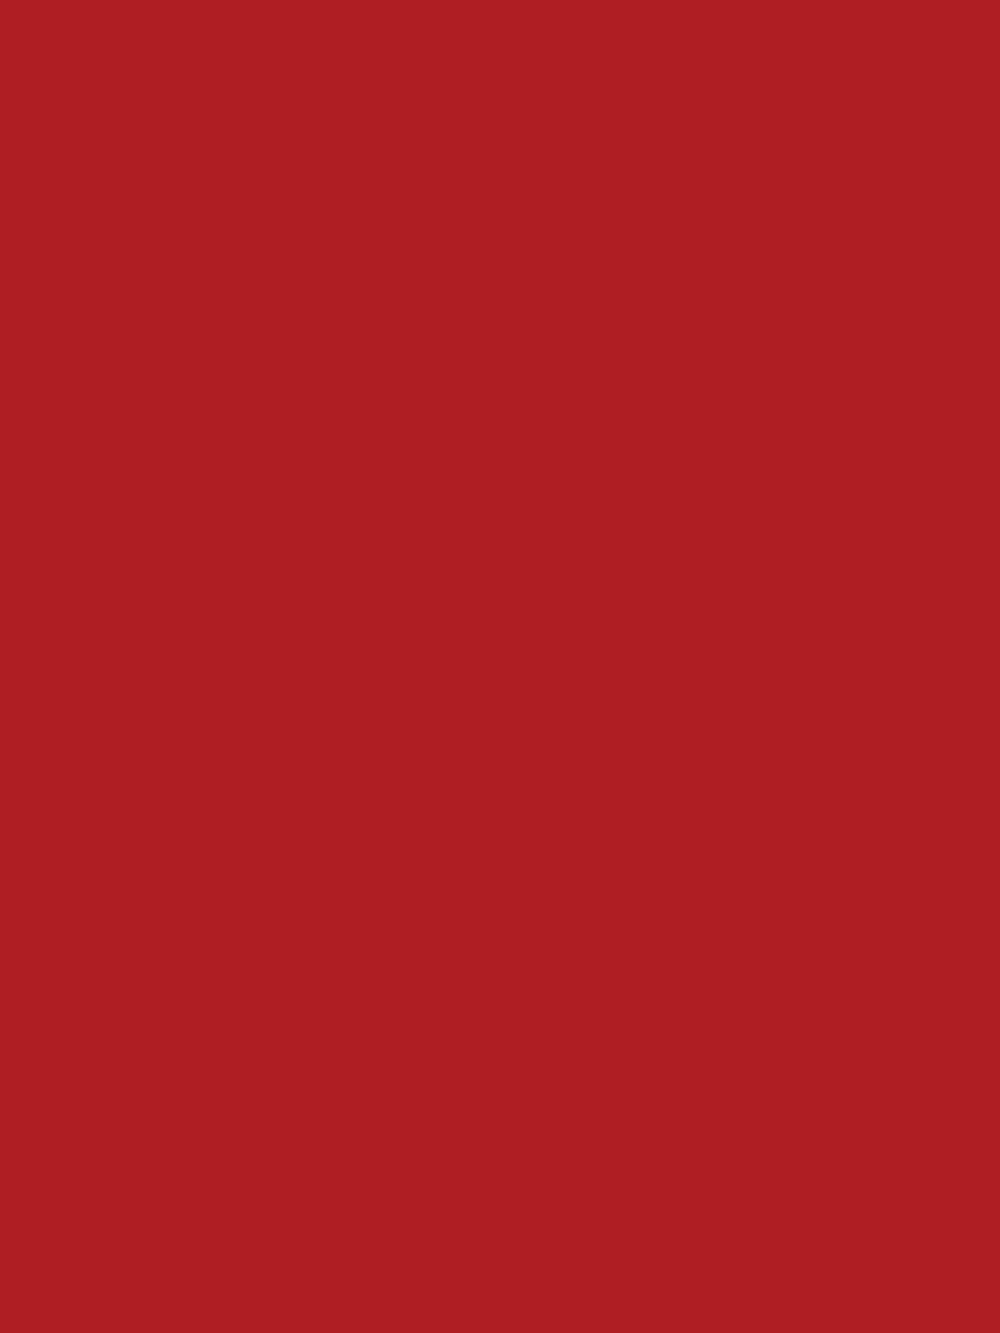 0000_red.jpg